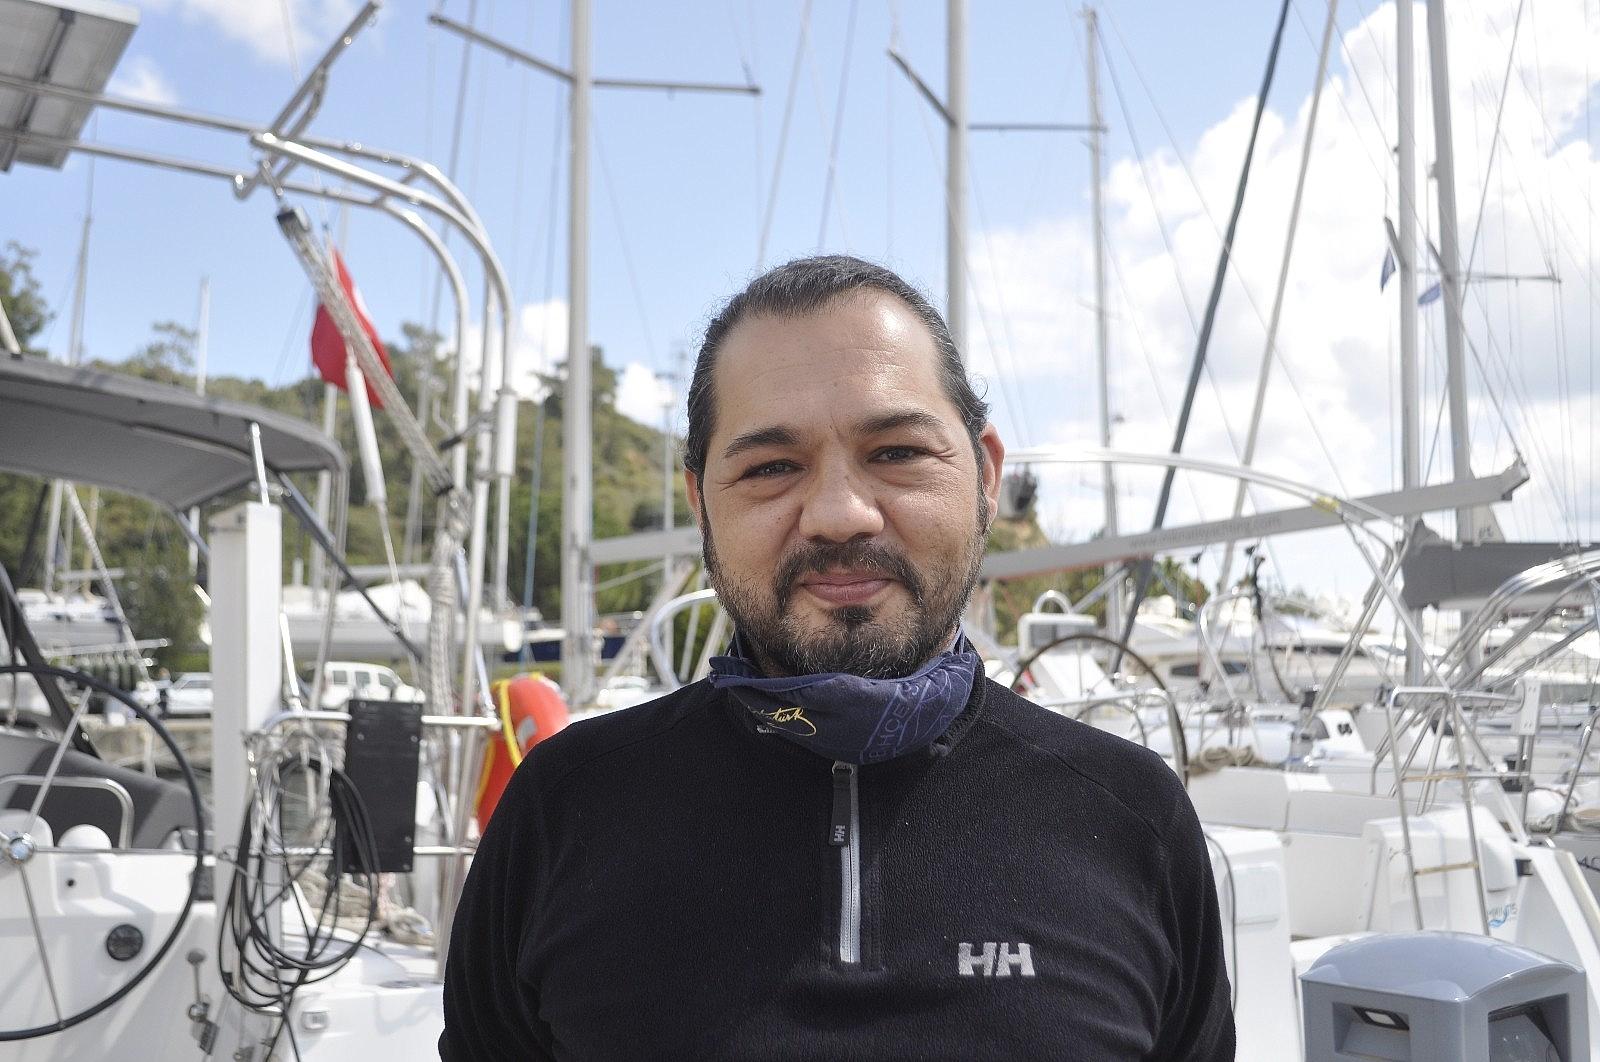 2021/04/luks-teknelere-karsi-olusan-ilgi-2021de-de-devam-ediyor-20210402AW28-3.jpg